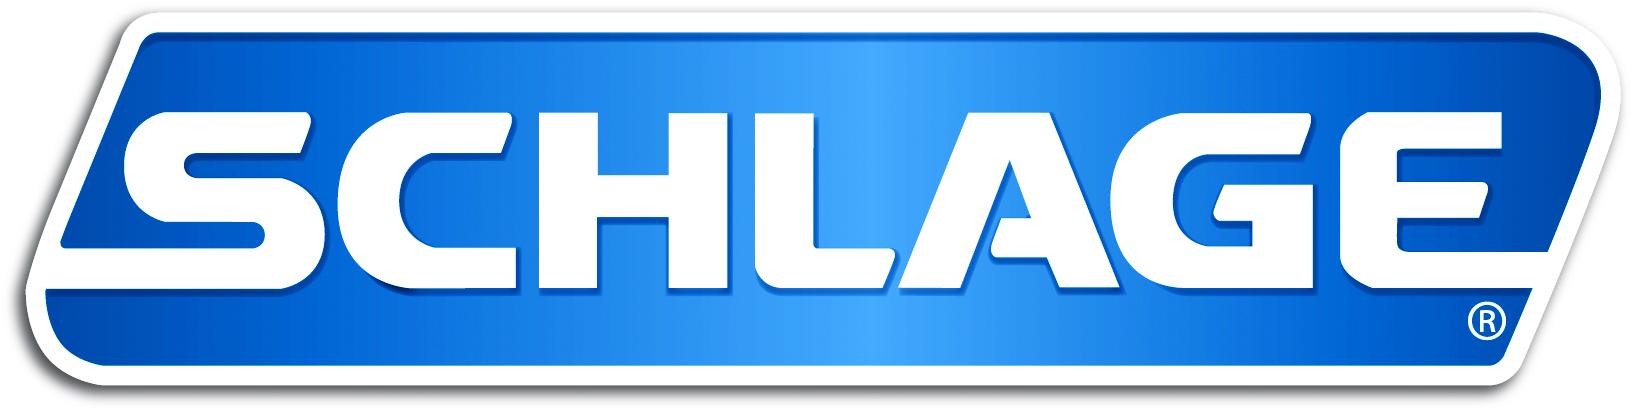 Schlage_logo_High_Res